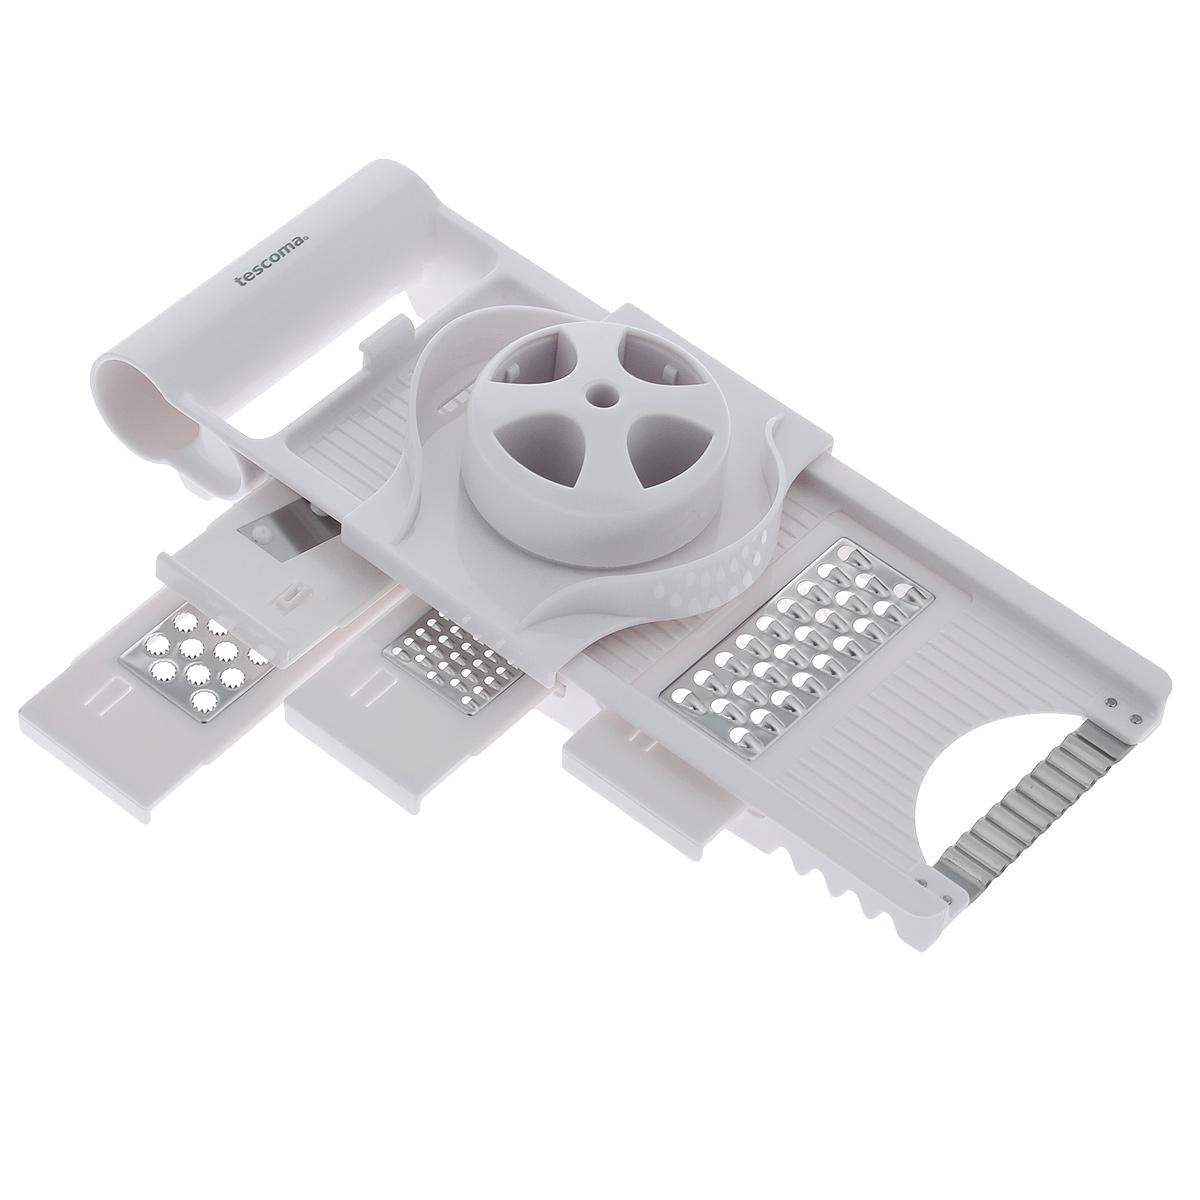 Терка многофункциональная Tescoma Handy391602Многофункциональная терка Tescoma Handy замечательна для нарезки на ломтики и измельчения продуктов. 4 сменных ножа и нож-волна изготовлены из первоклассной нержавеющей стали, остальные части из прочной пластмассы. Терка снабжена безопасным держателем для продуктов и массивной ручкой для удобного использования. С помощью такой терки вы сможете быстро нарезать или нашинковать картофель, перец, баклажаны, морковь, яблоки, приготовить салаты или детские овощные и фруктовые пюре.Каждая хозяйка оценит все преимущества этой терки. Очень практичный и современный дизайн делает изделие весьма простым в эксплуатации.